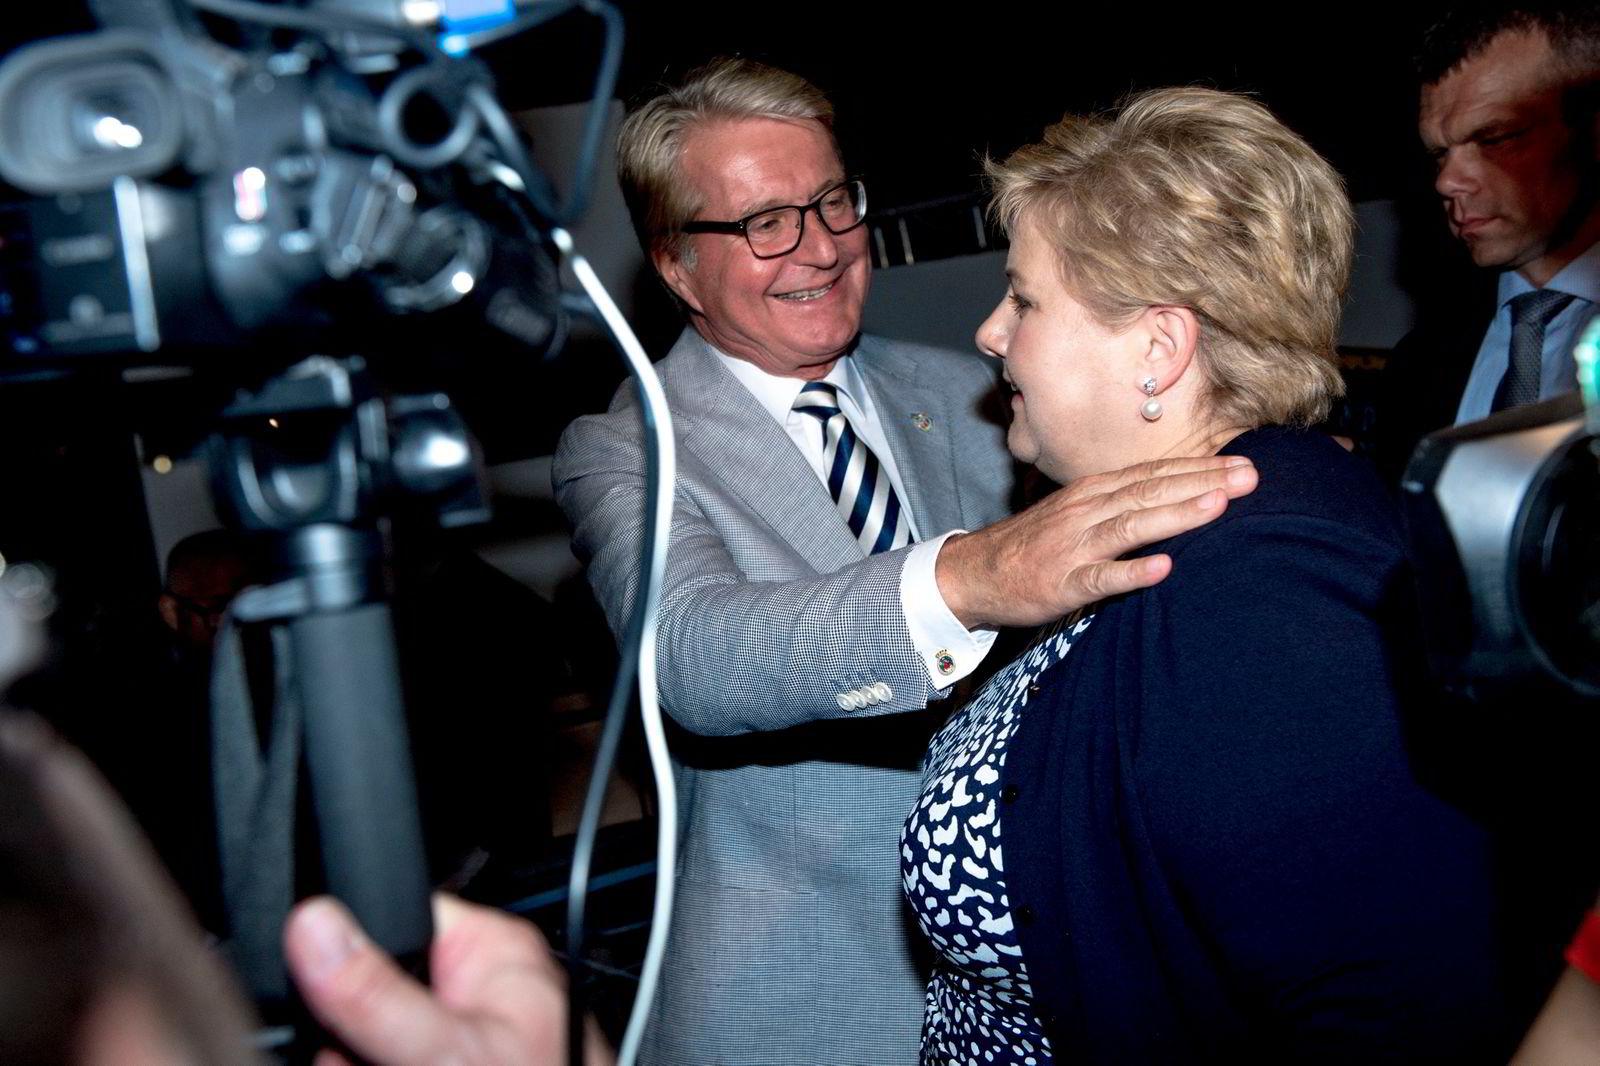 Erna Solberg får en klem av Fabian stang, etter et dårlig resultat i kommunevalget. Høyres valgvake ble holdt på Ekebergrestauranten.